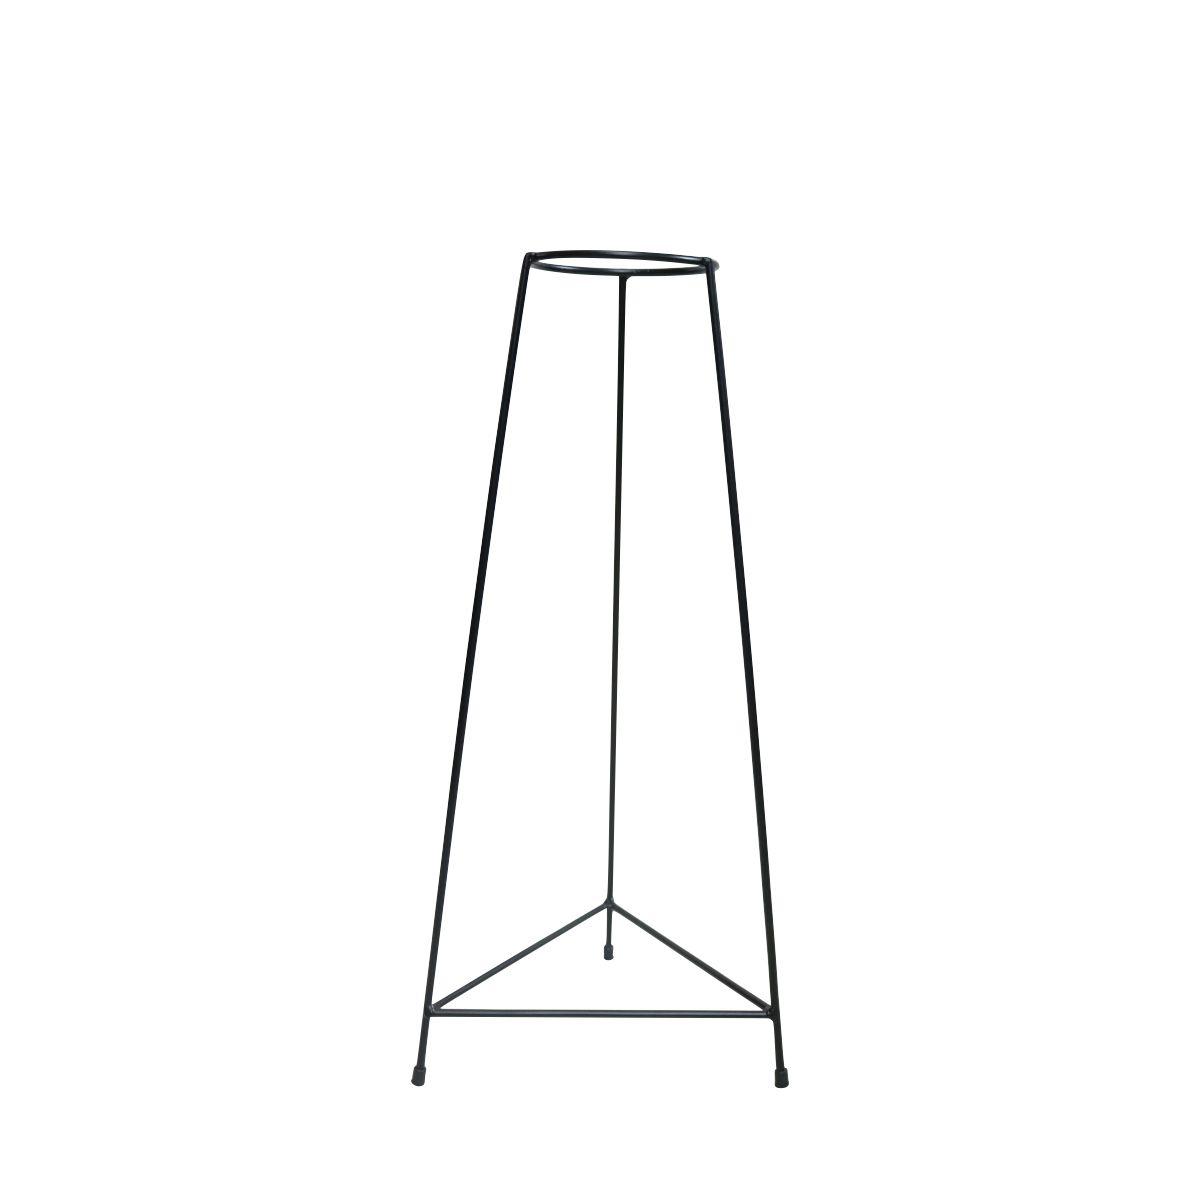 Suporte Tripé Triangular Preto 60cm para Vaso Autoirigável Médio N03 Raiz